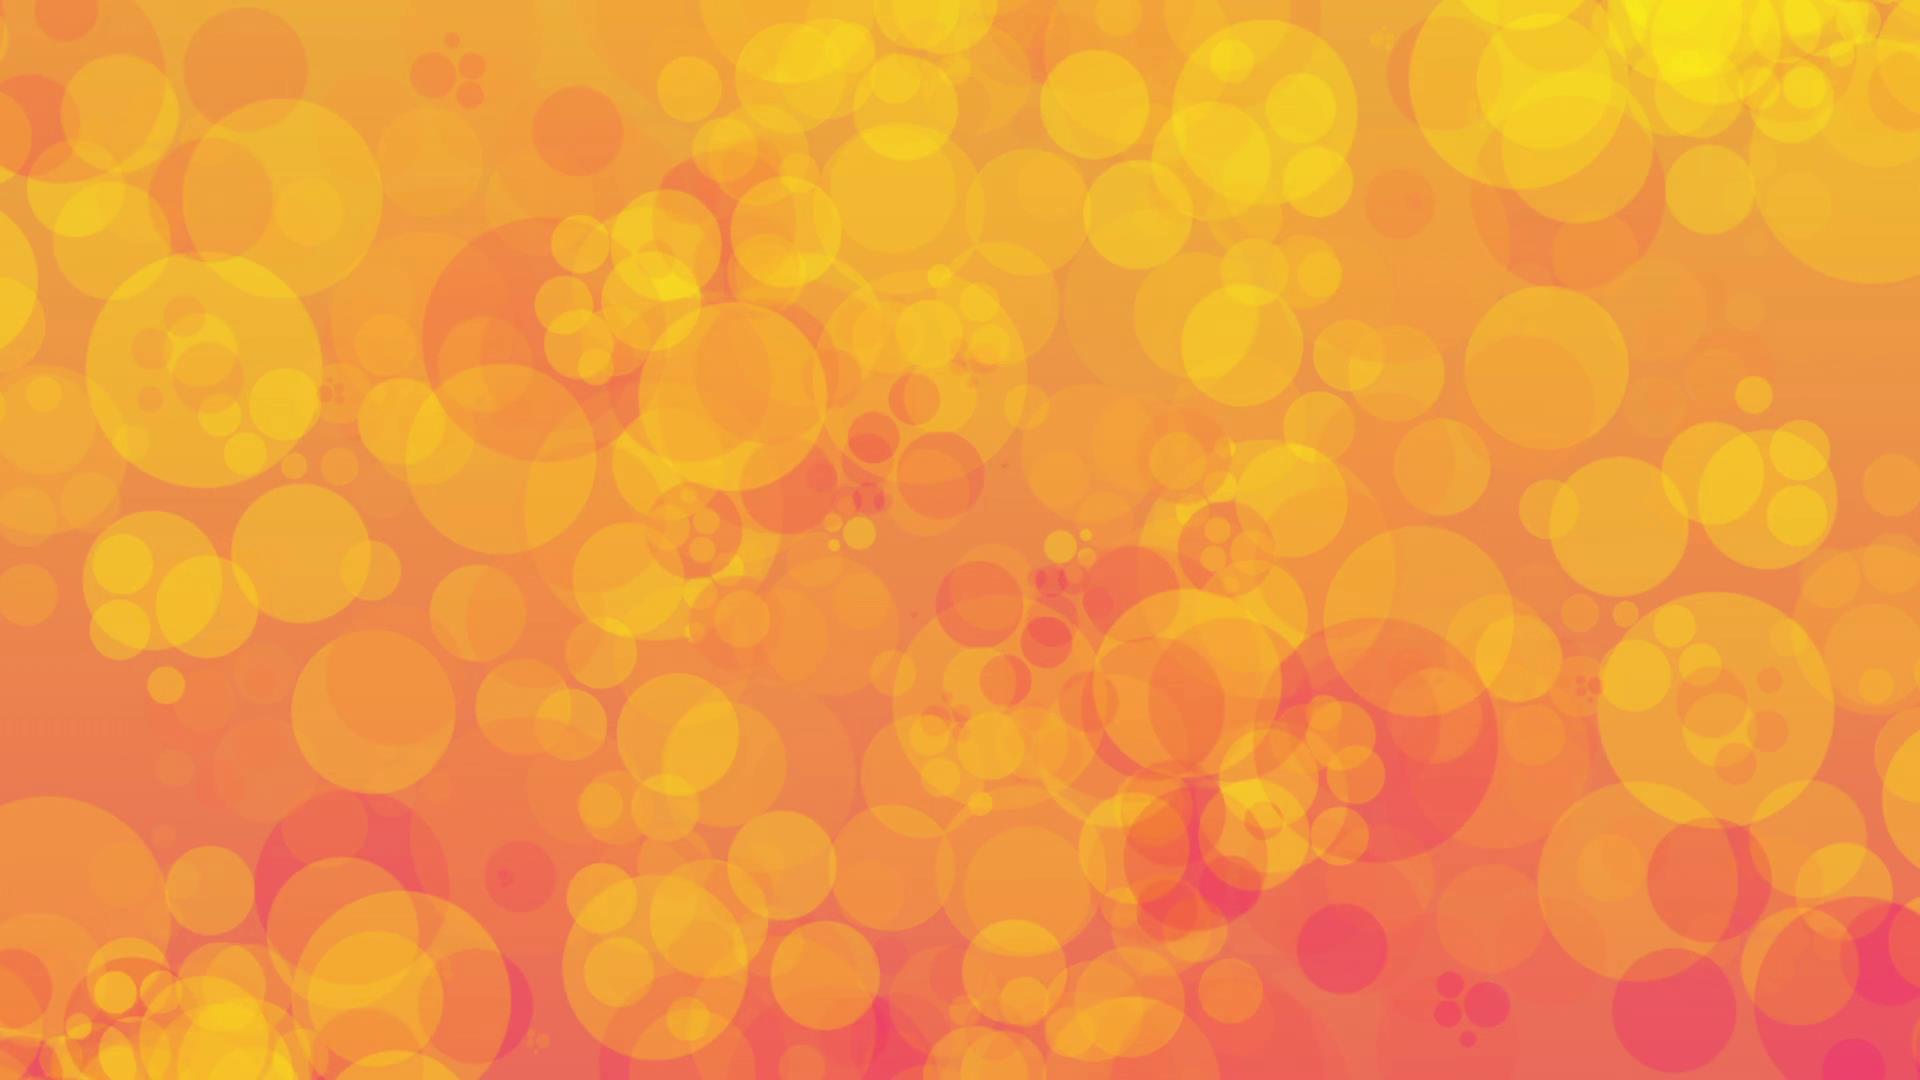 梦幻橙色气泡光斑闪烁背景视频-92素材网_ae模板,视频